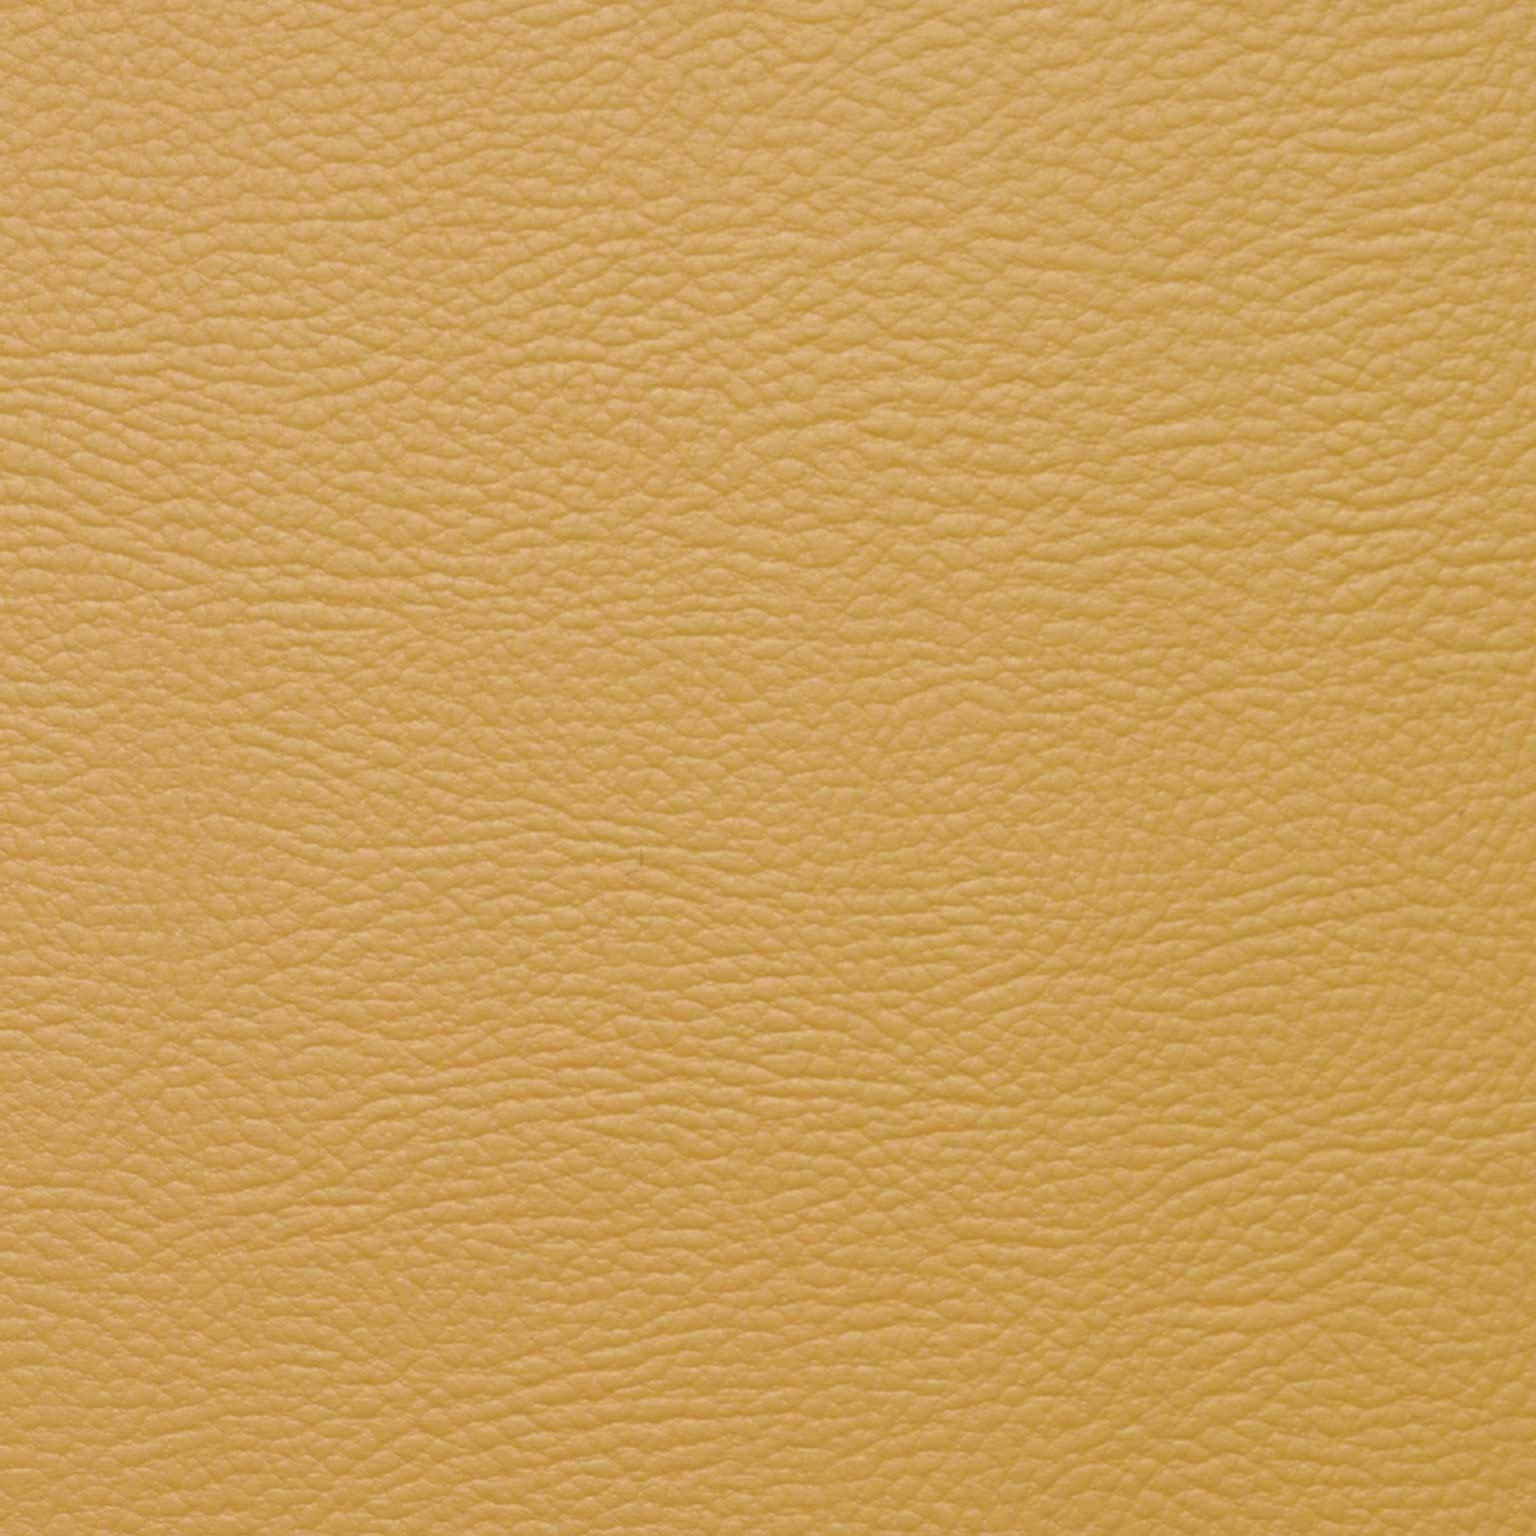 Faux leather_e97-012